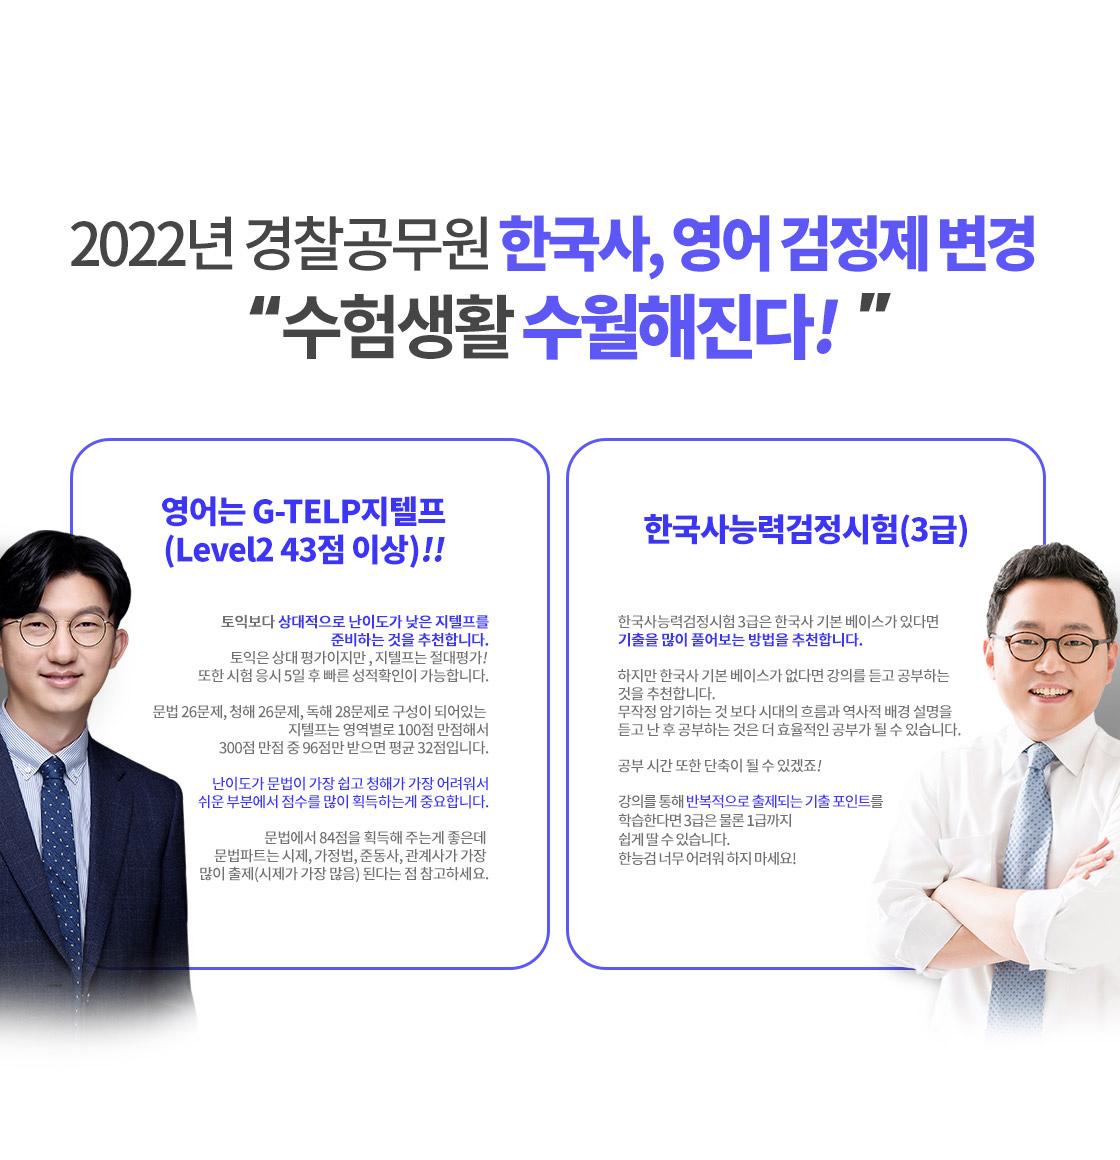 한국사, 영어 검정제 변경